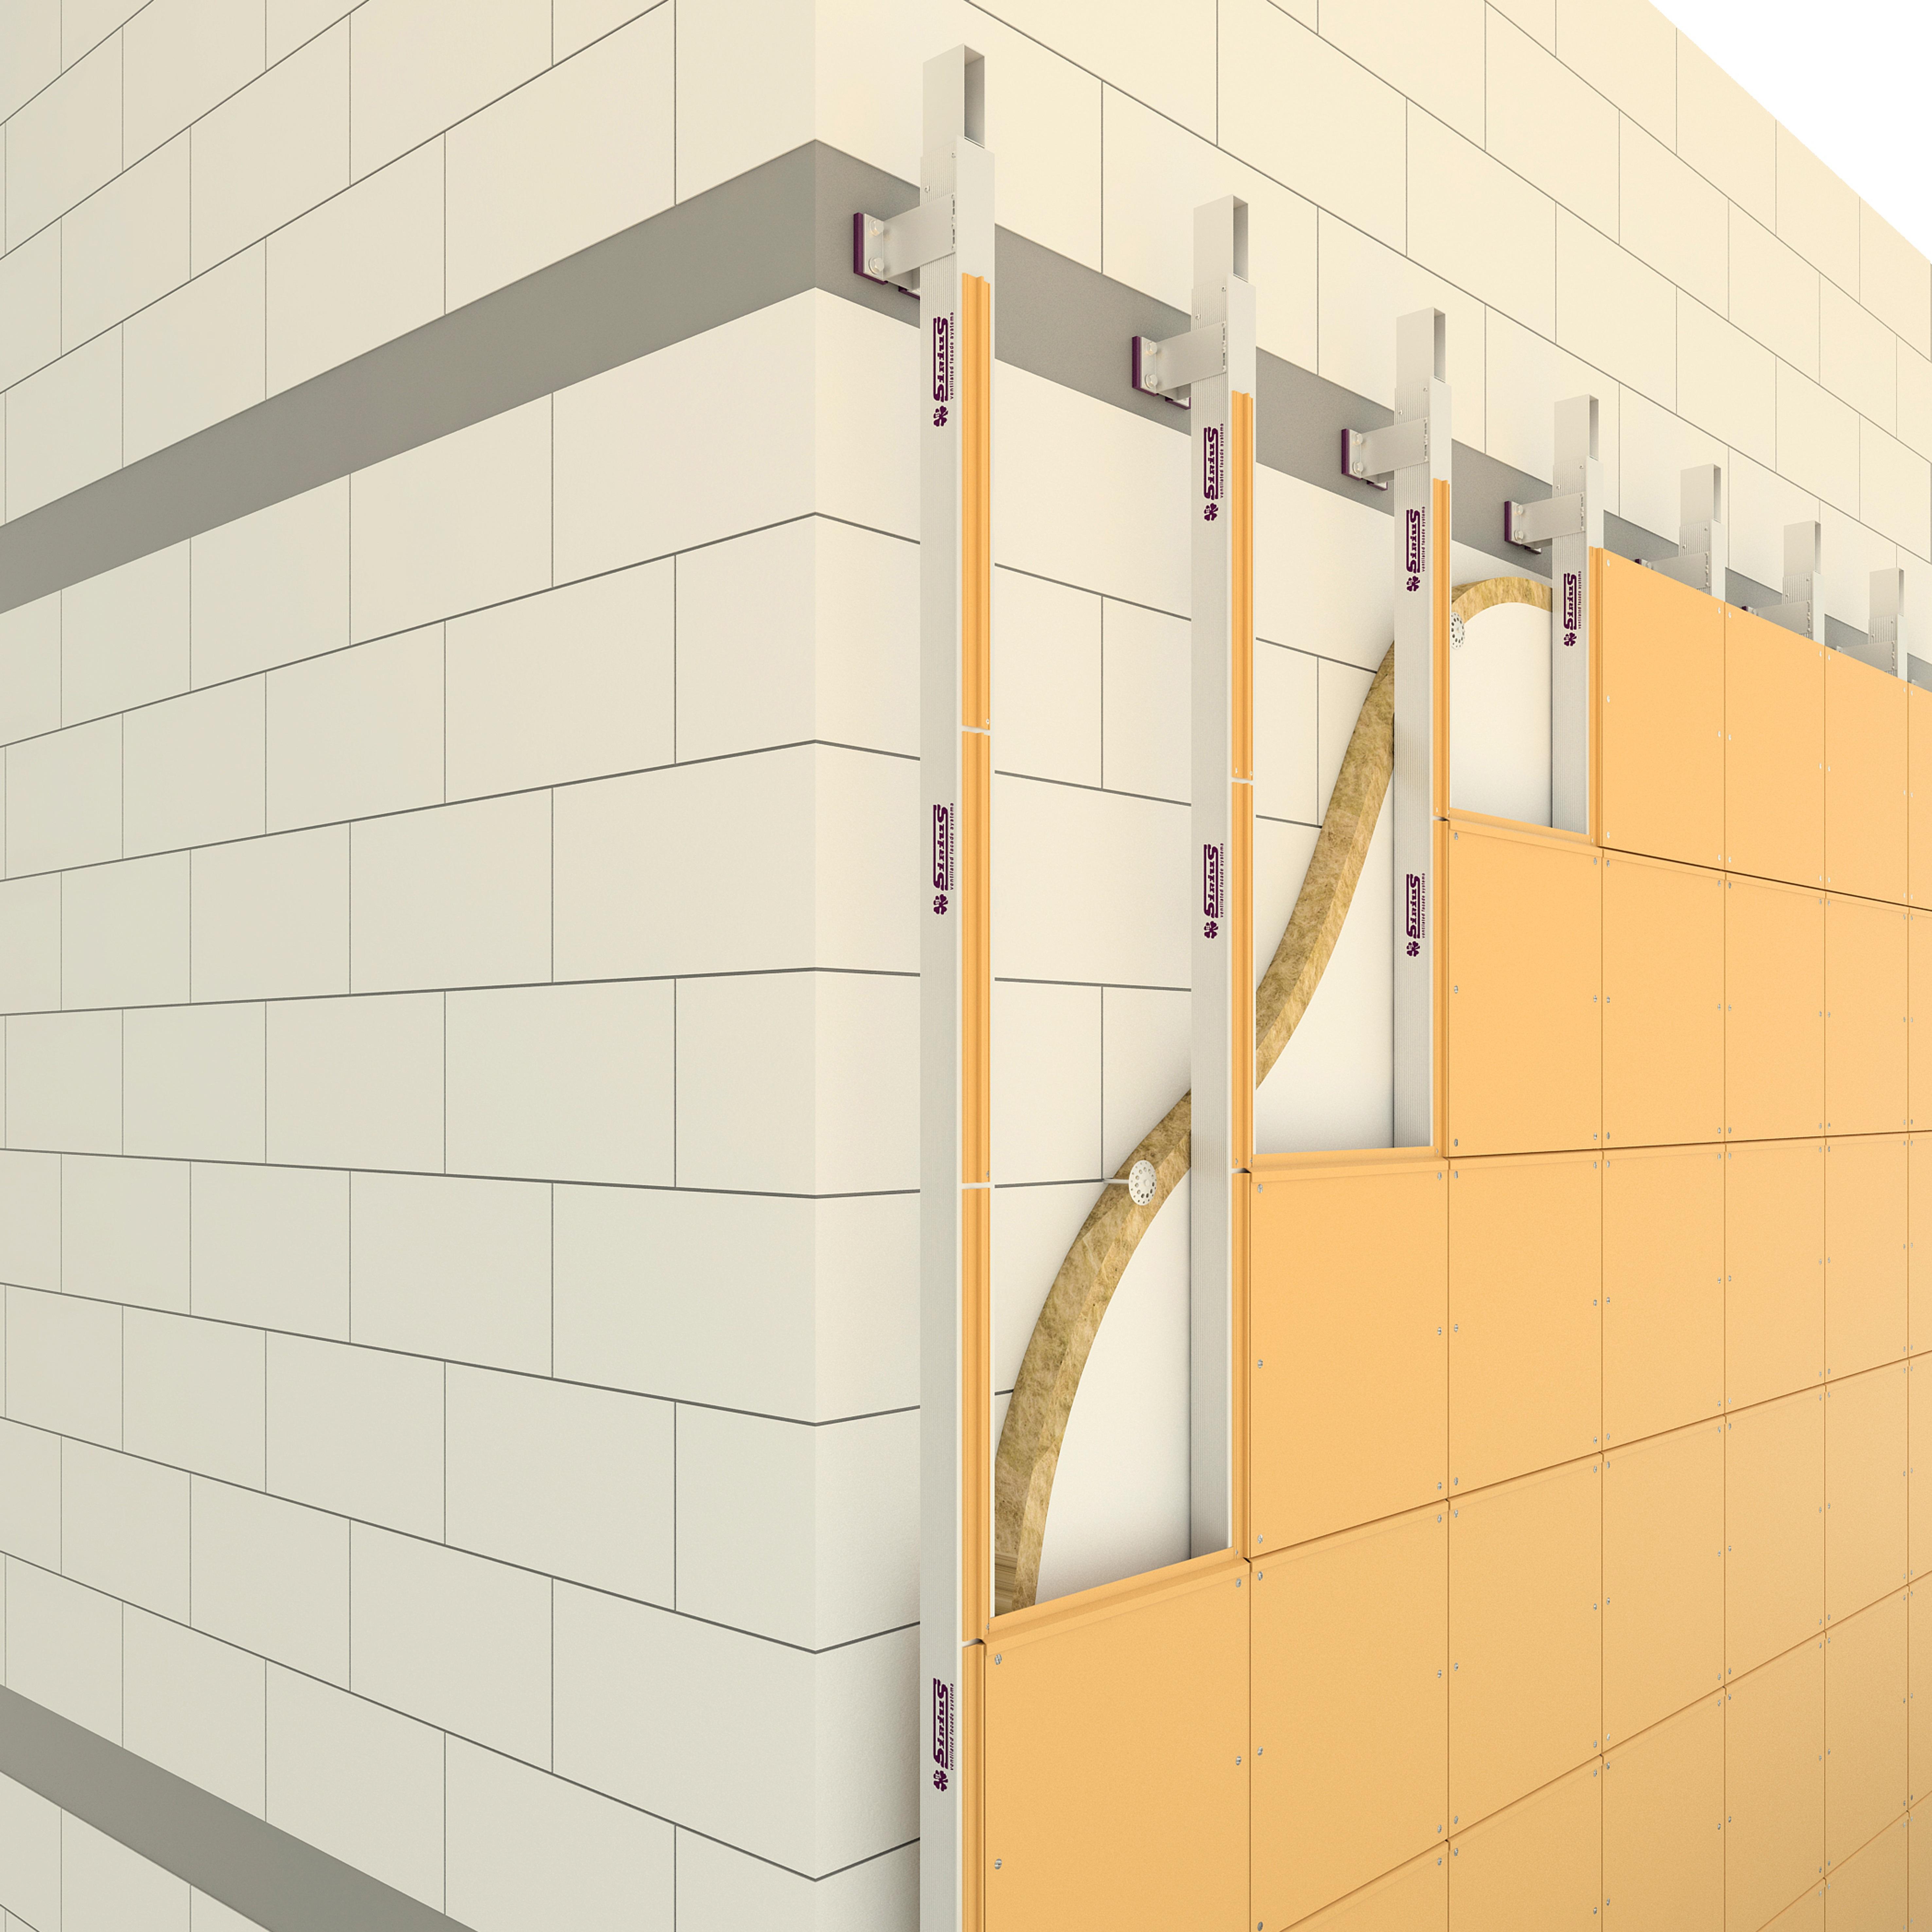 Подсистема вентилируемого фасада межэтажная SIRIUS SH